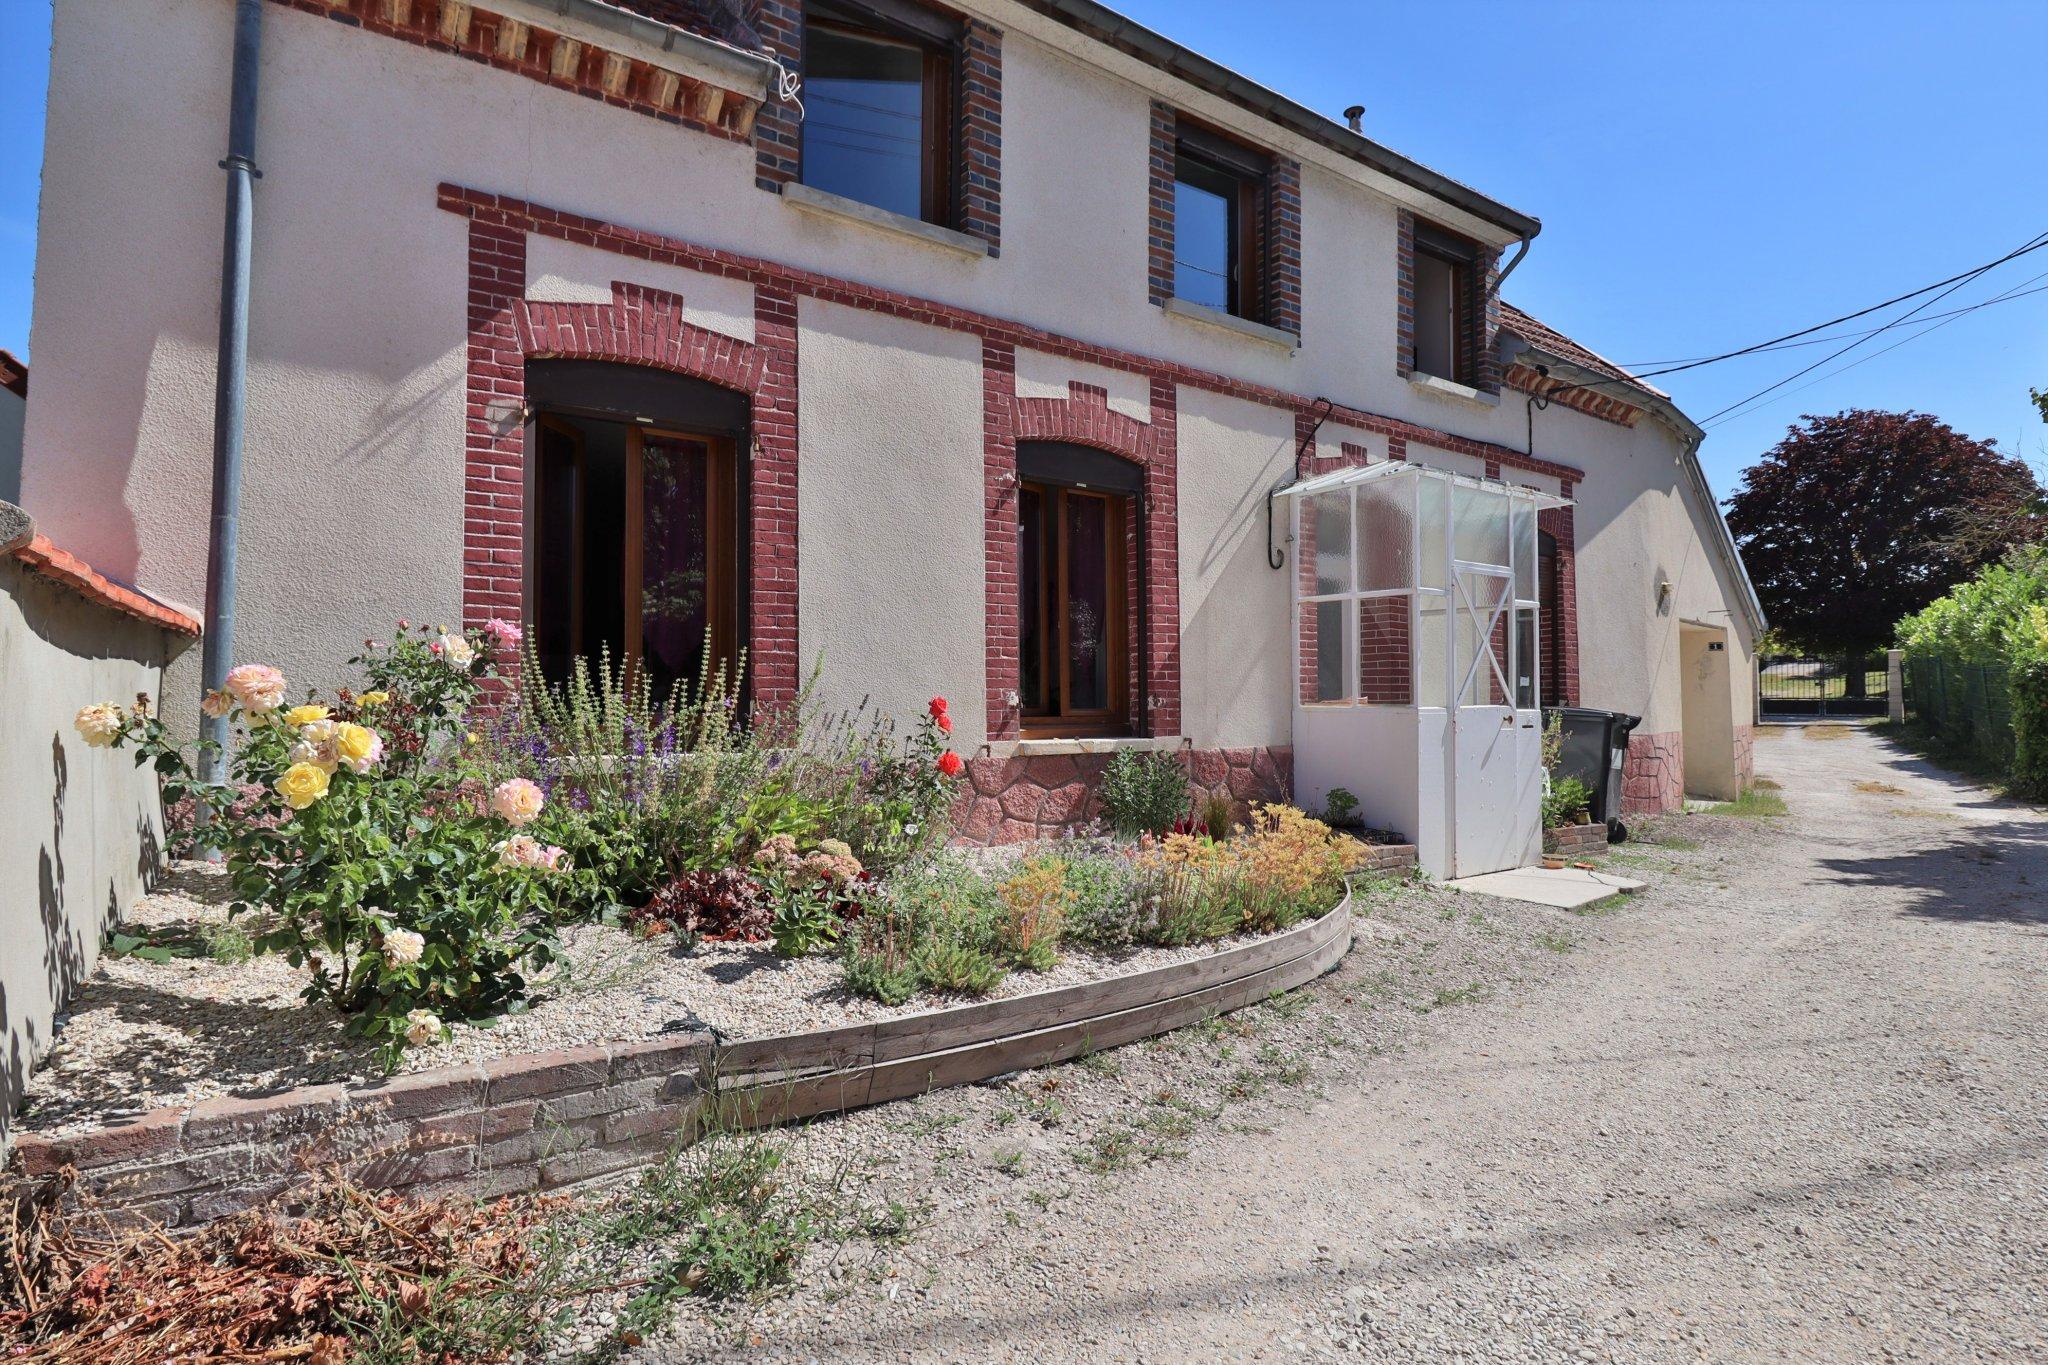 Maison à vendre à Troyes et son agglomération  Damonte Immobilier